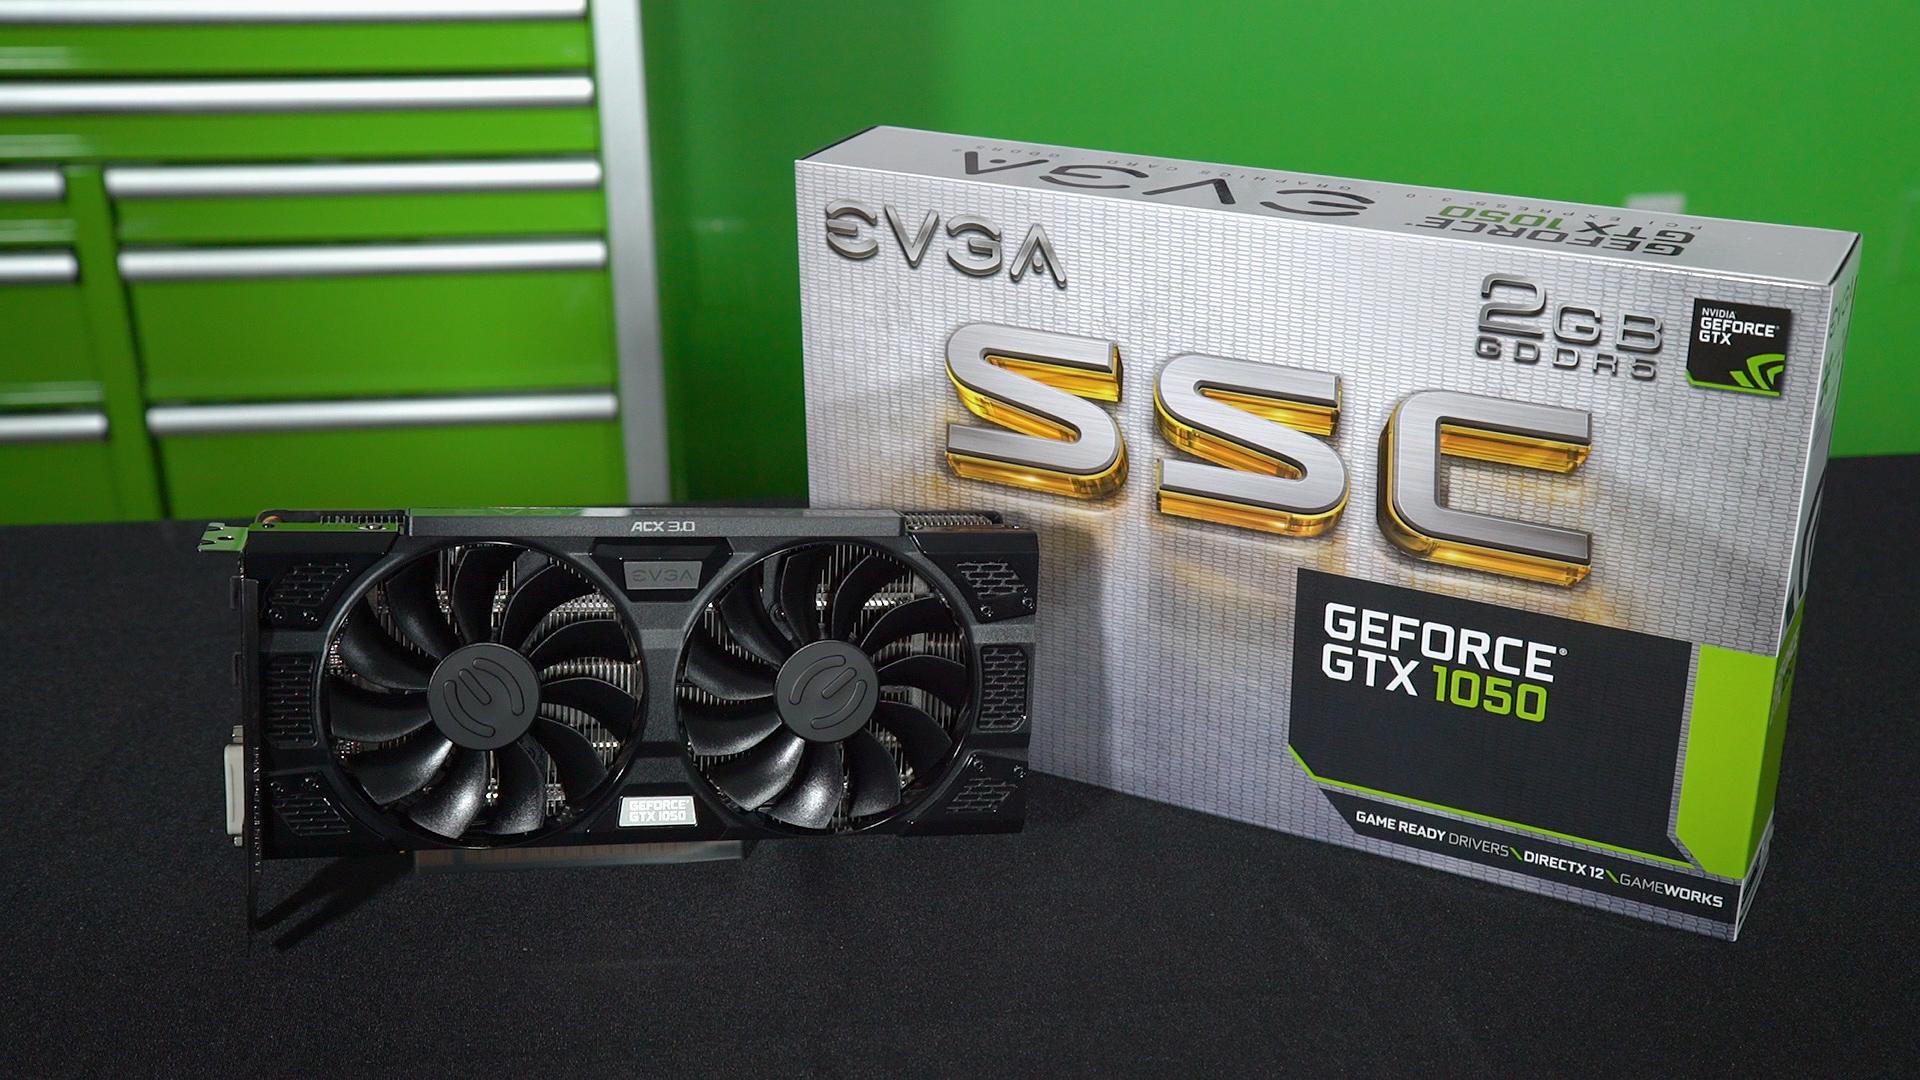 GeForce Garage: Build An Entry-Level GeForce GTX 1050 Gaming